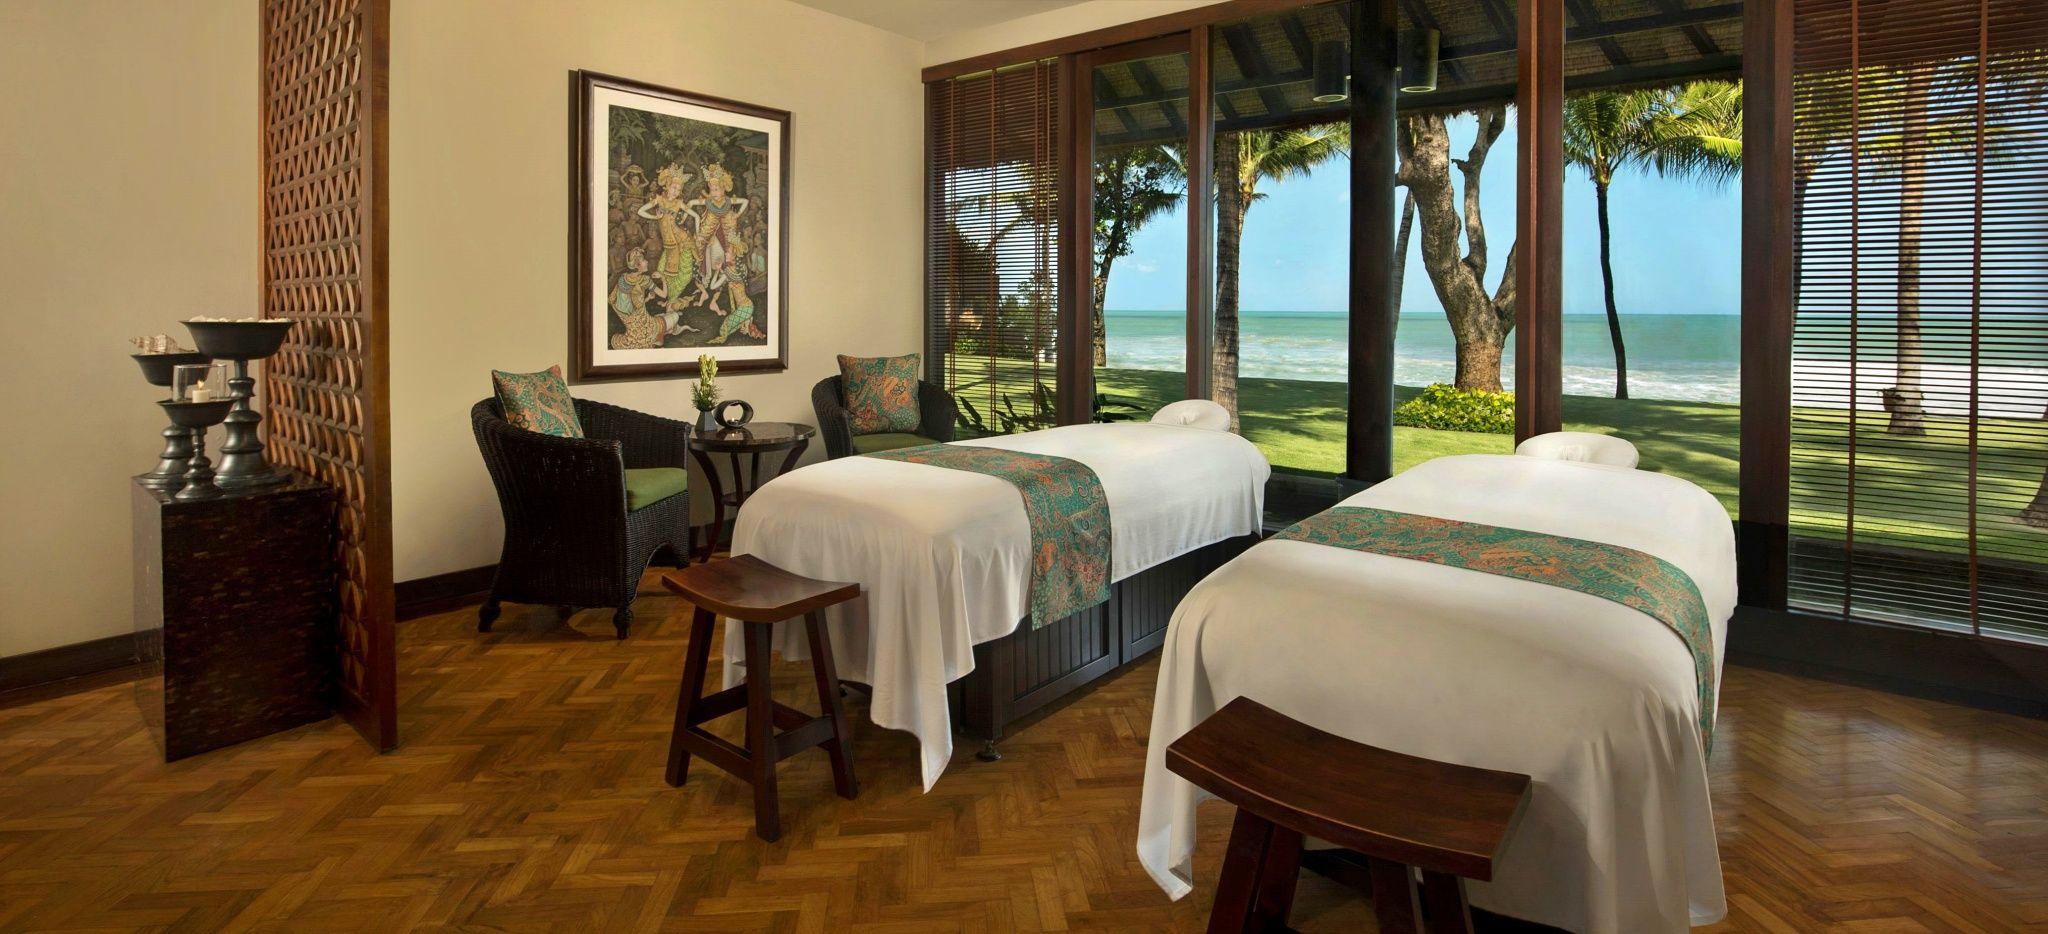 """Zwei Massageliegen mit Blick auf den Strand in einem großen Raum, im Hotel """"The Legian"""" auf Bali"""